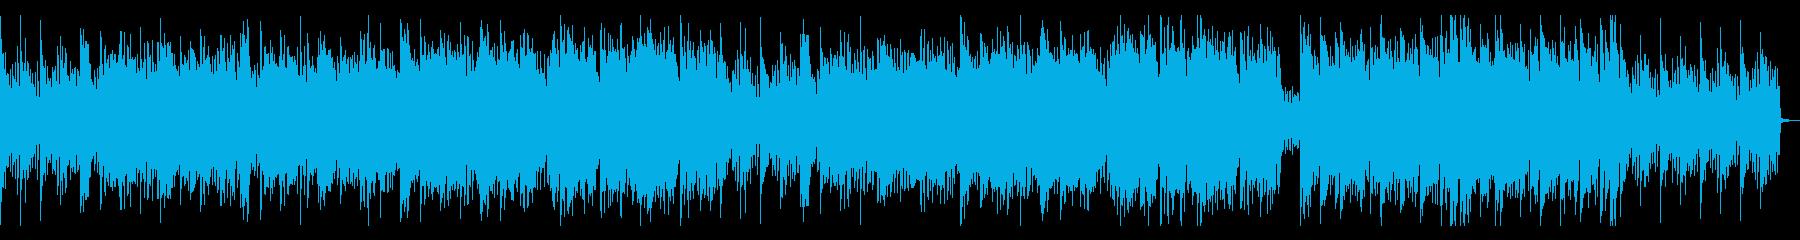 ハーモニカの奏でる懐かしい世界観の再生済みの波形